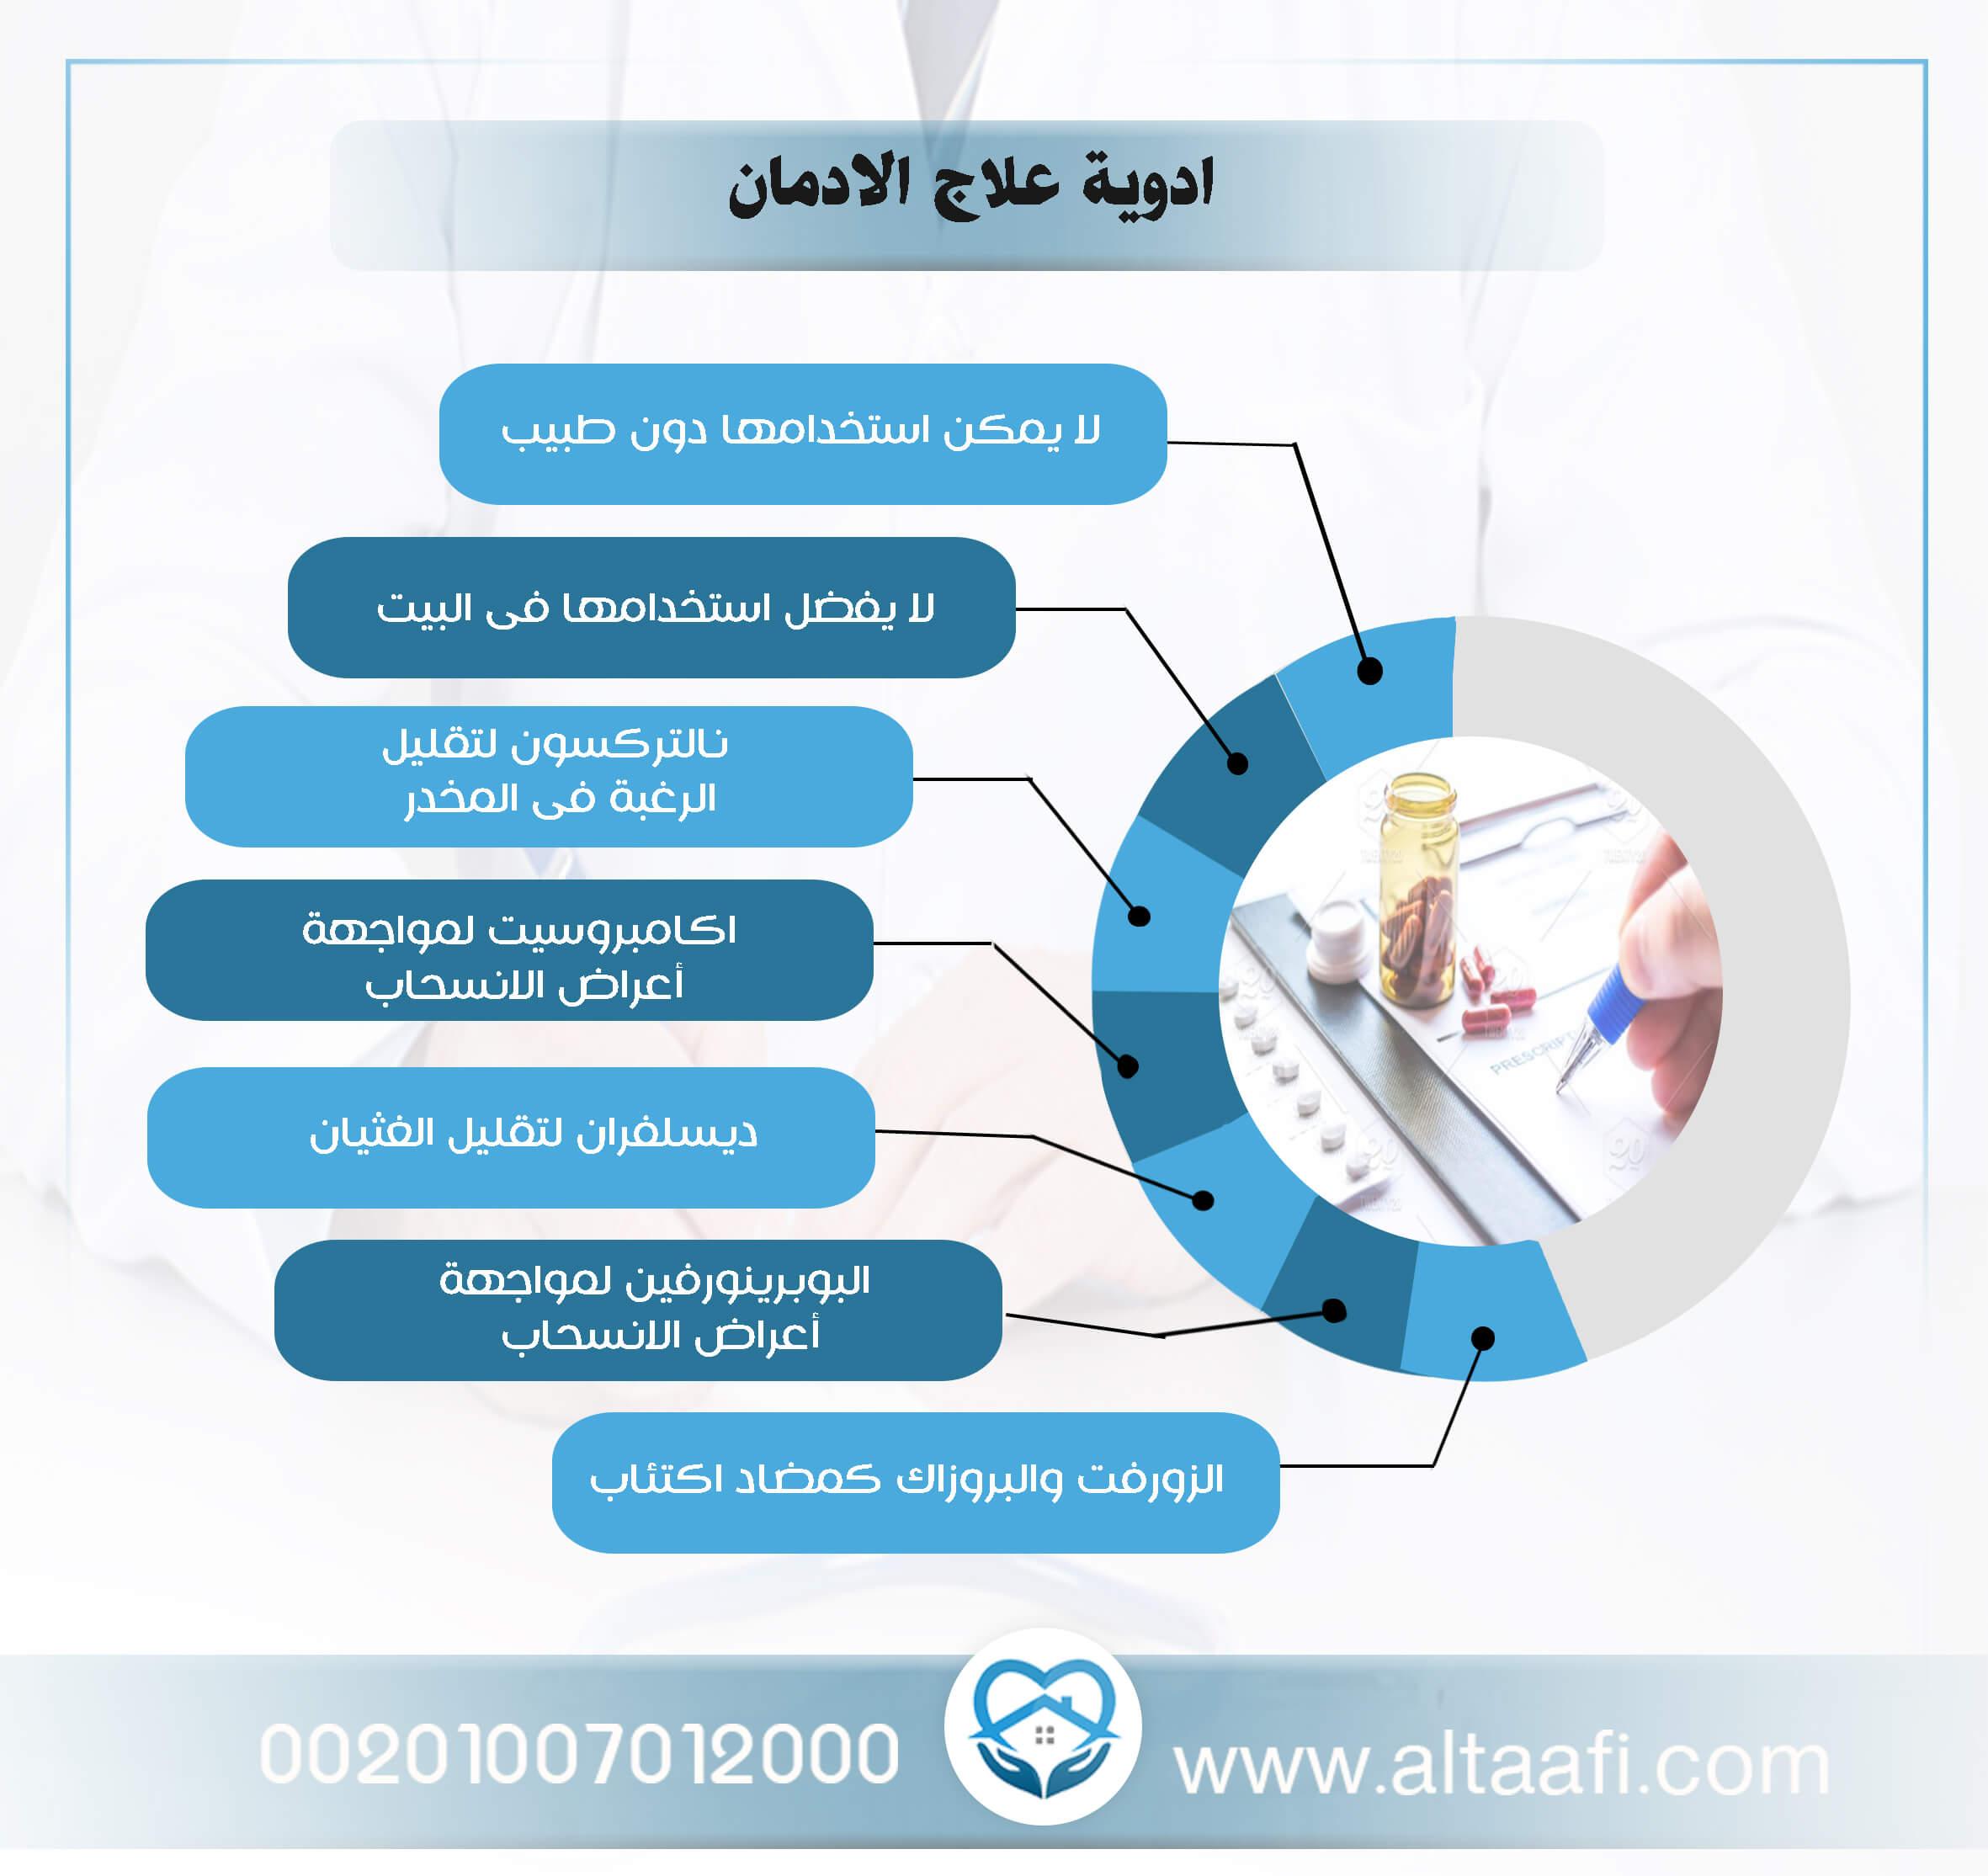 ادوية علاج الادمان